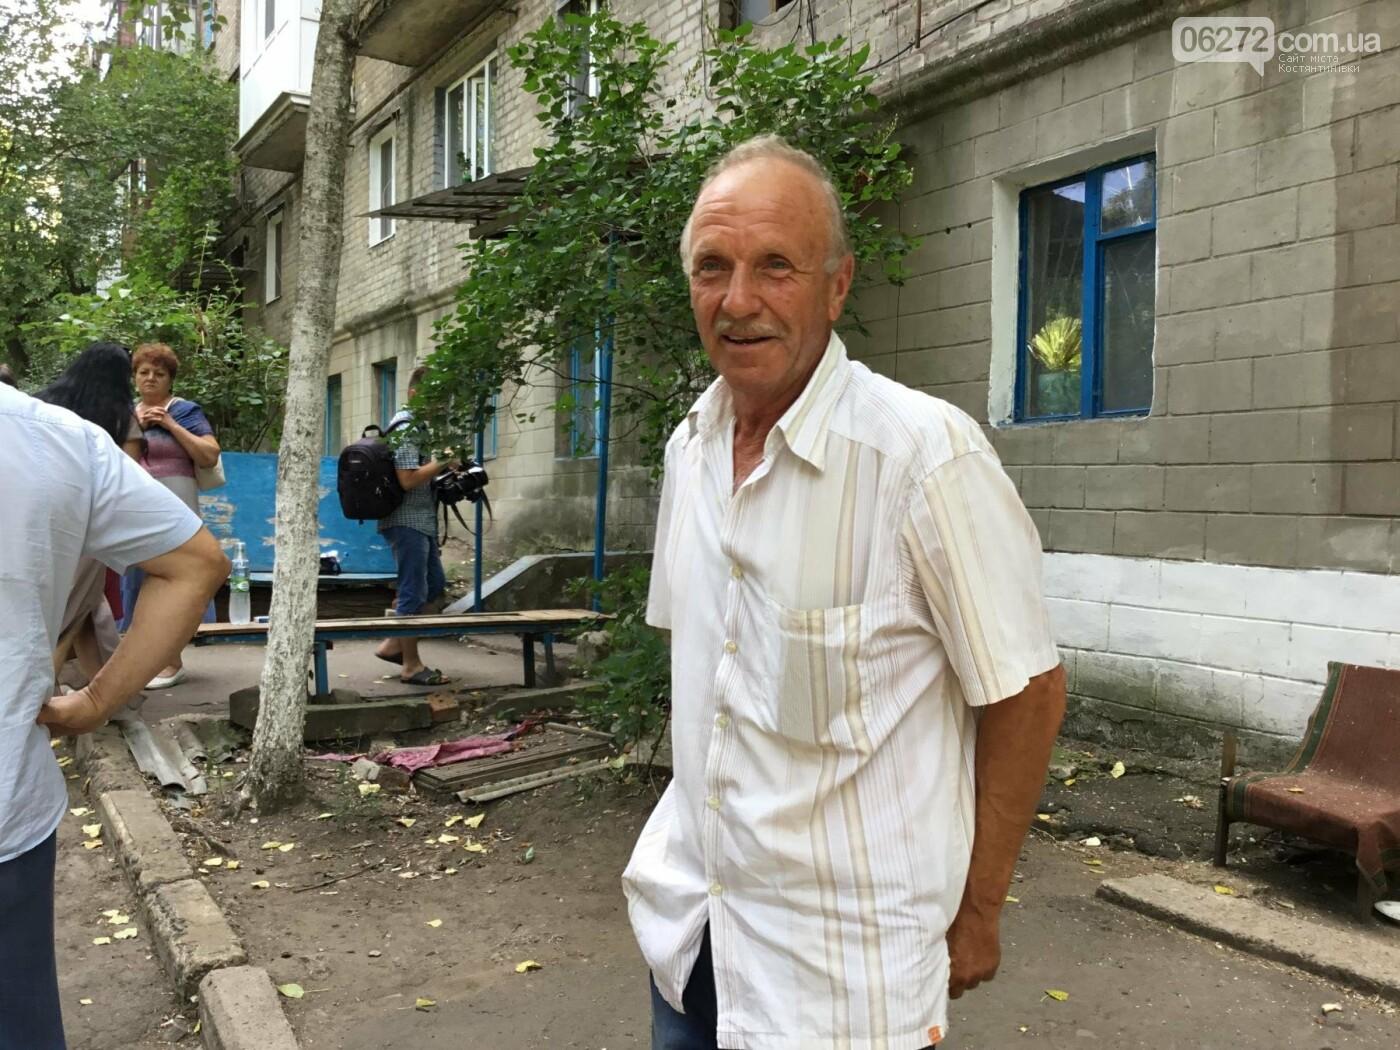 Жители Константиновской многоэтажки против пункта приема вторсырья в их доме, фото-5